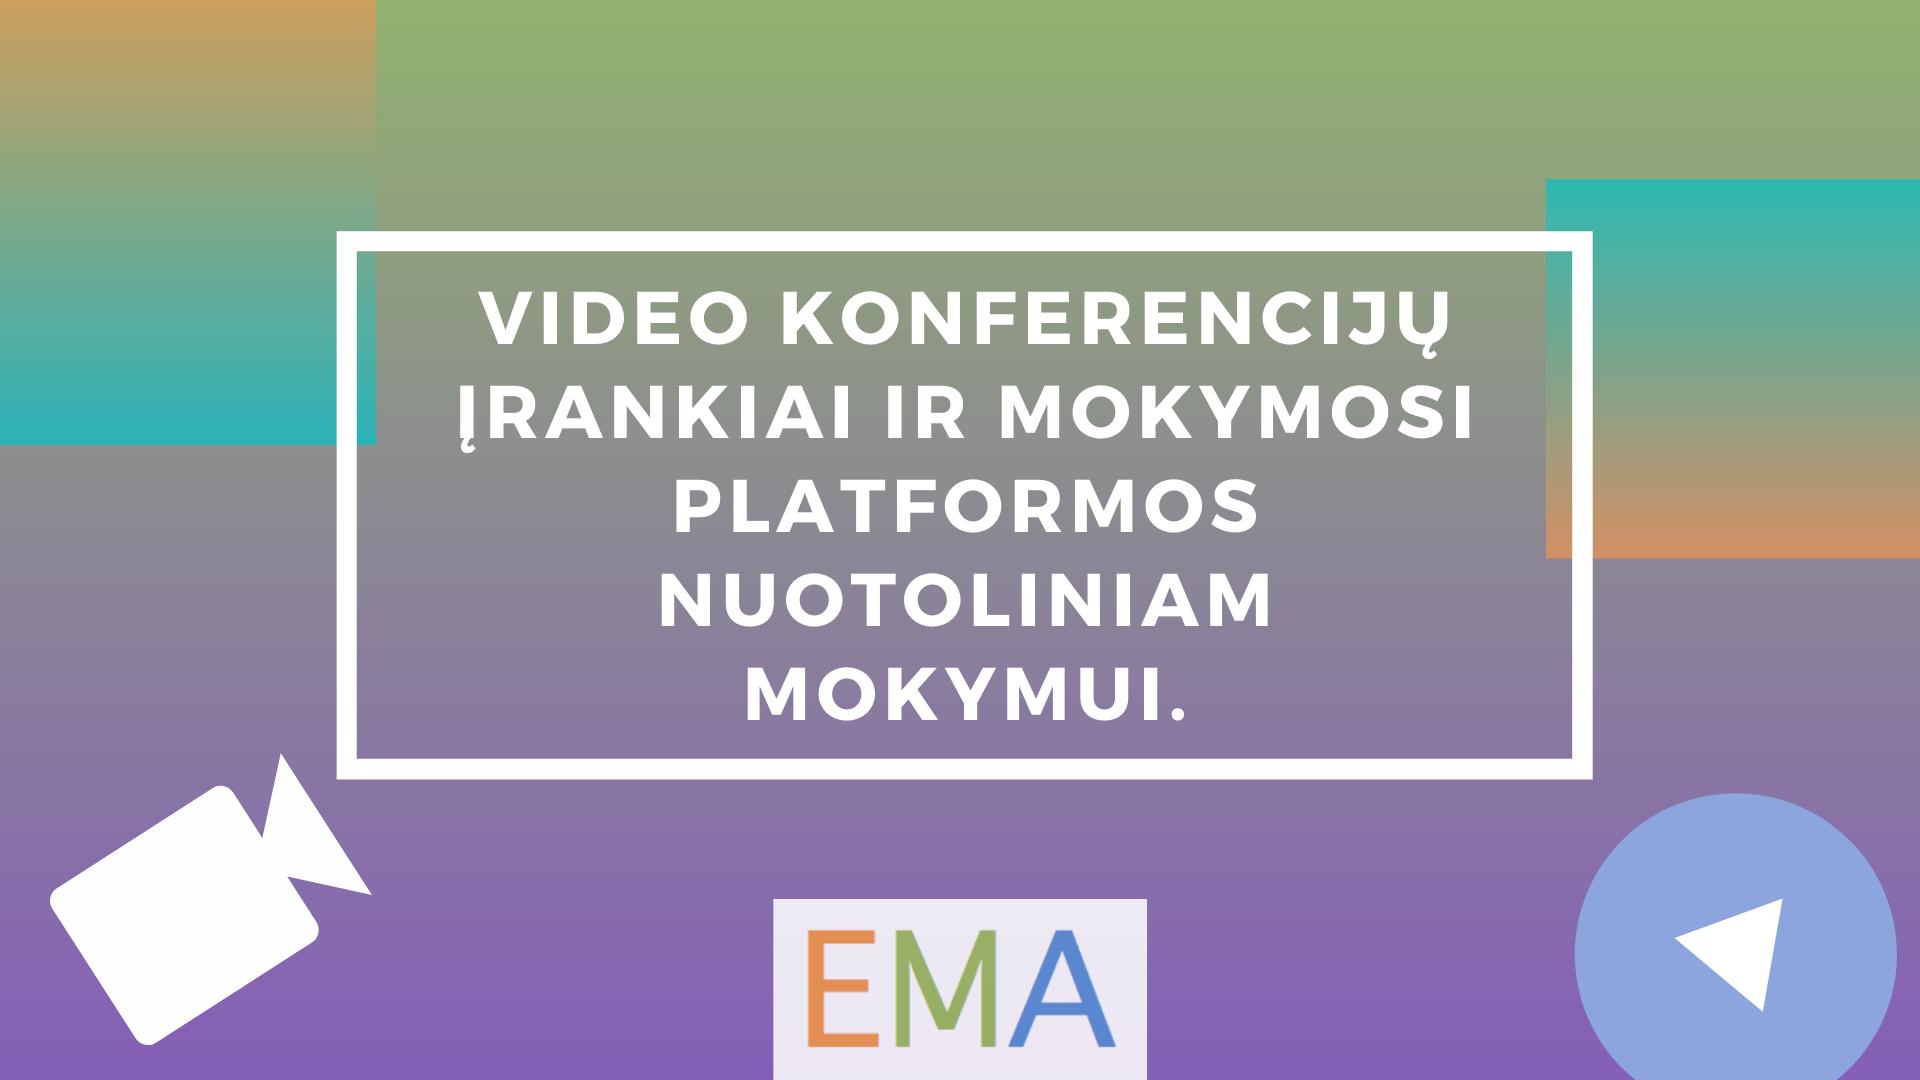 Video konferencijų įrankiai ir mokymosi platformos nuotoliniam mokymui.